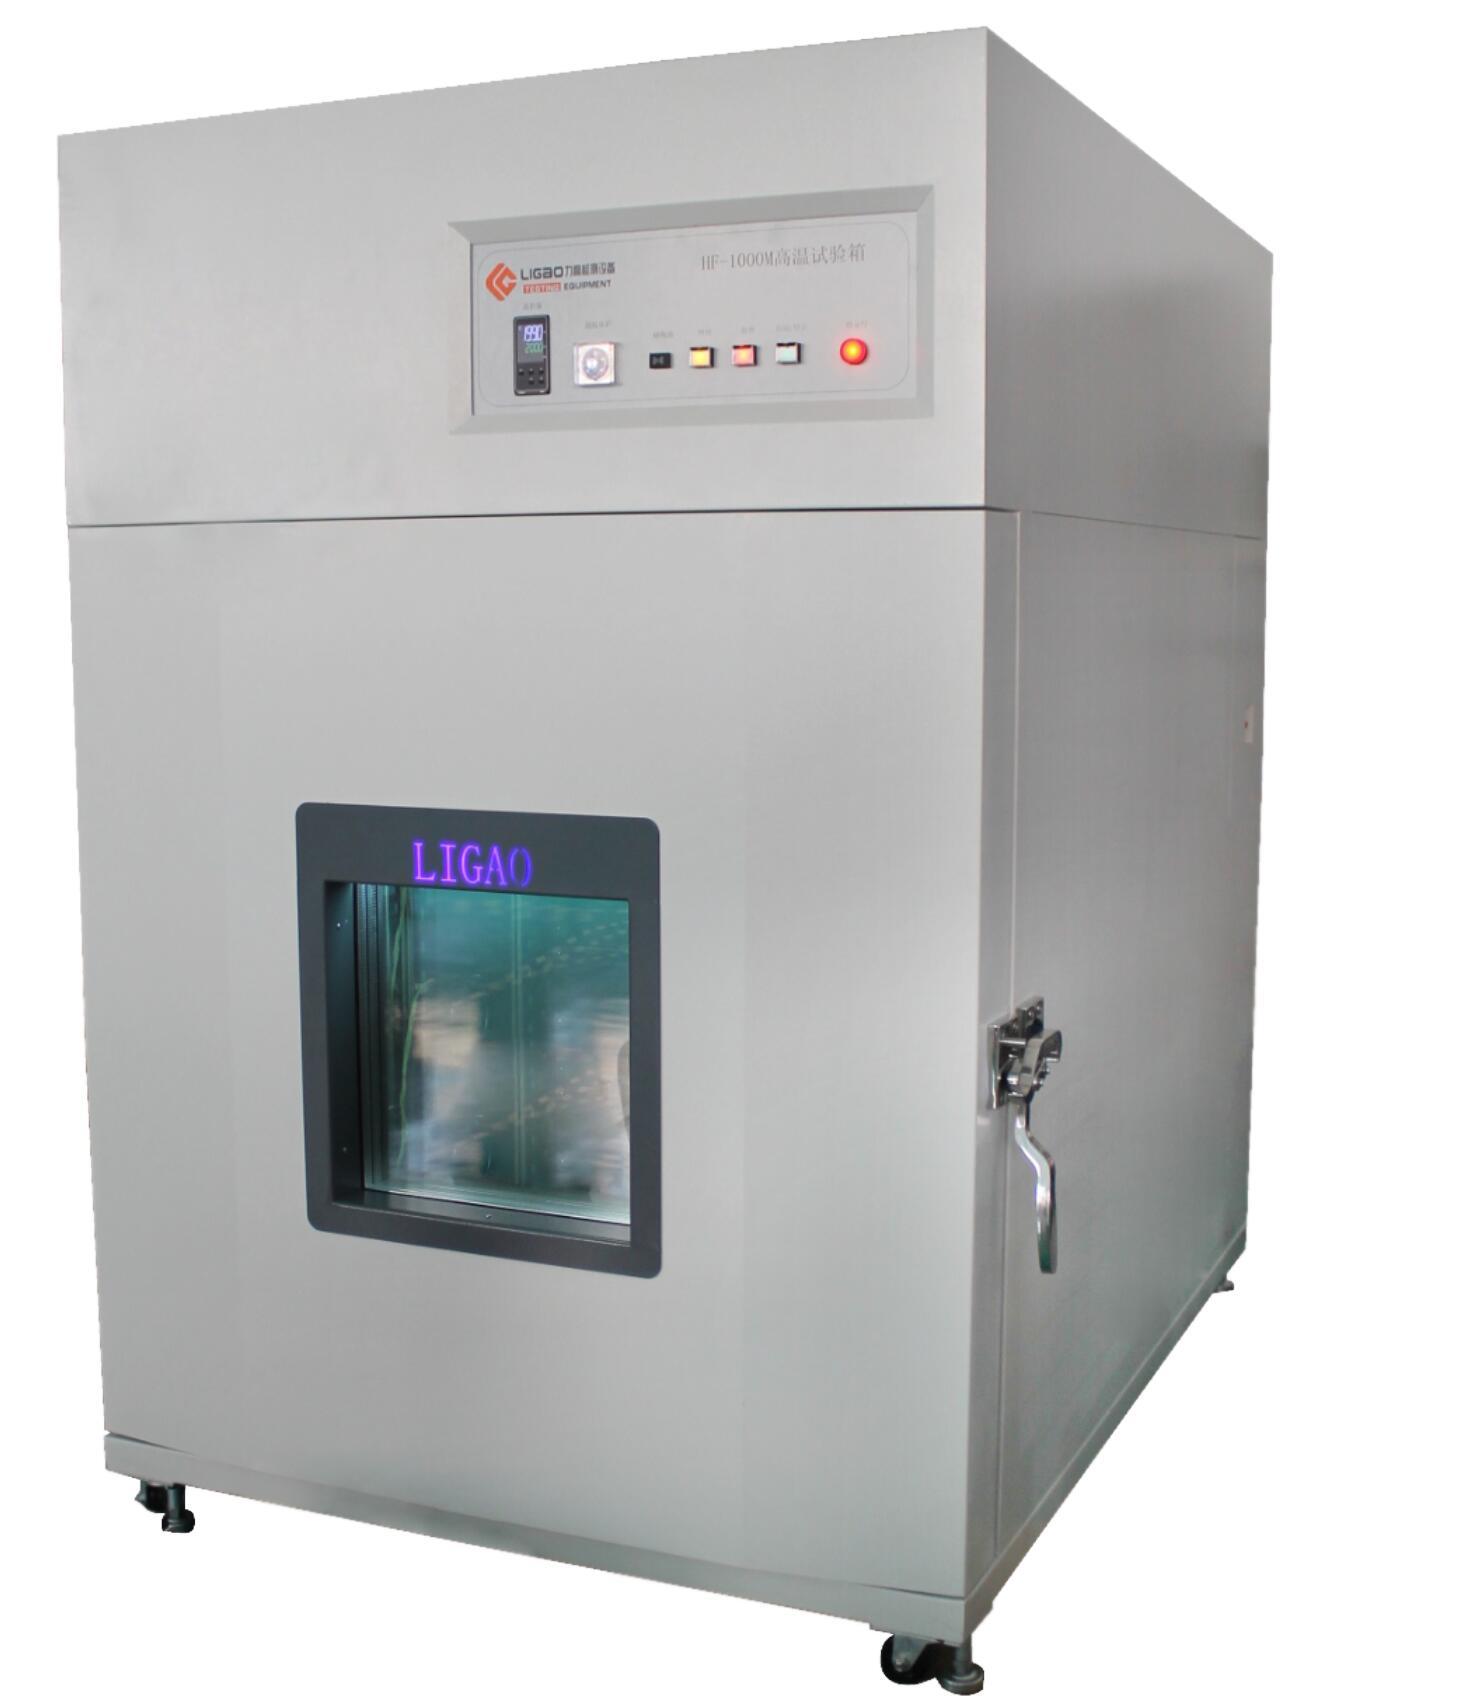 步入式恒温恒湿试验室空气调节系统解析